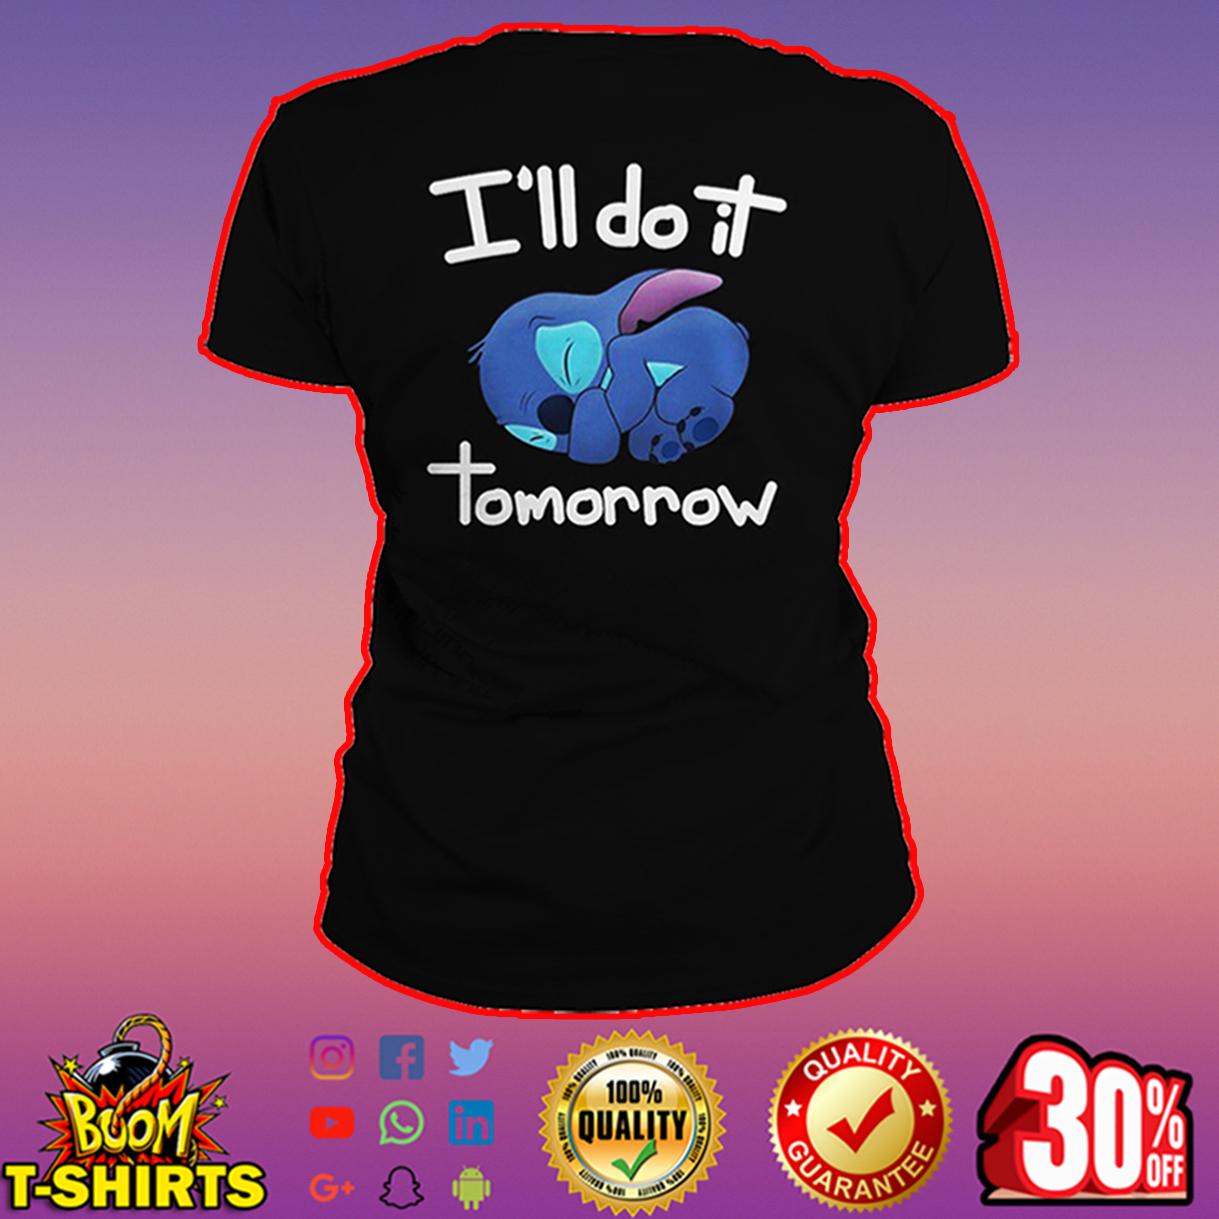 I'll do it tommorow Stitch t-shirt